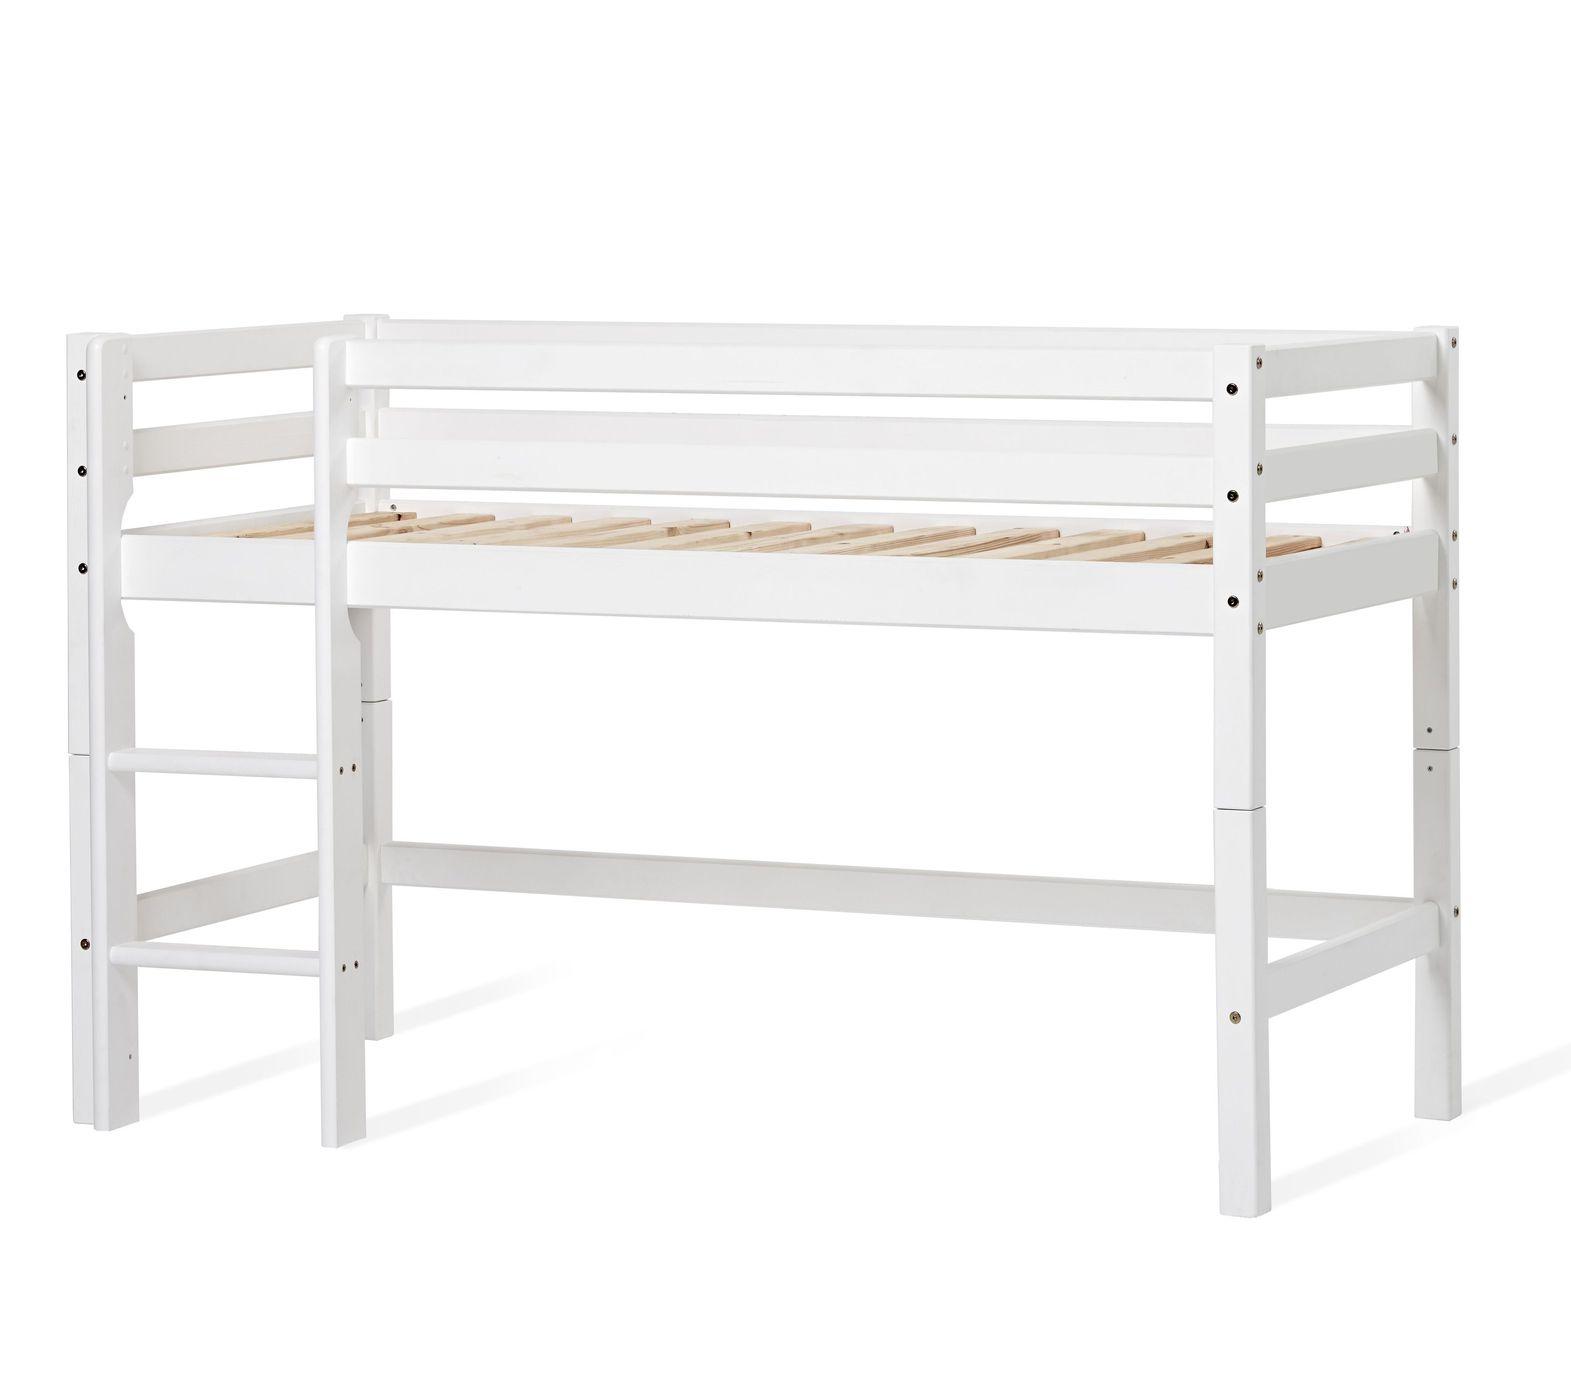 Full Size of Halbhohes Hochbett Bett Aus Kiefer Wei Mit Leiter Und Lattenrost Prinz Wohnzimmer Halbhohes Hochbett